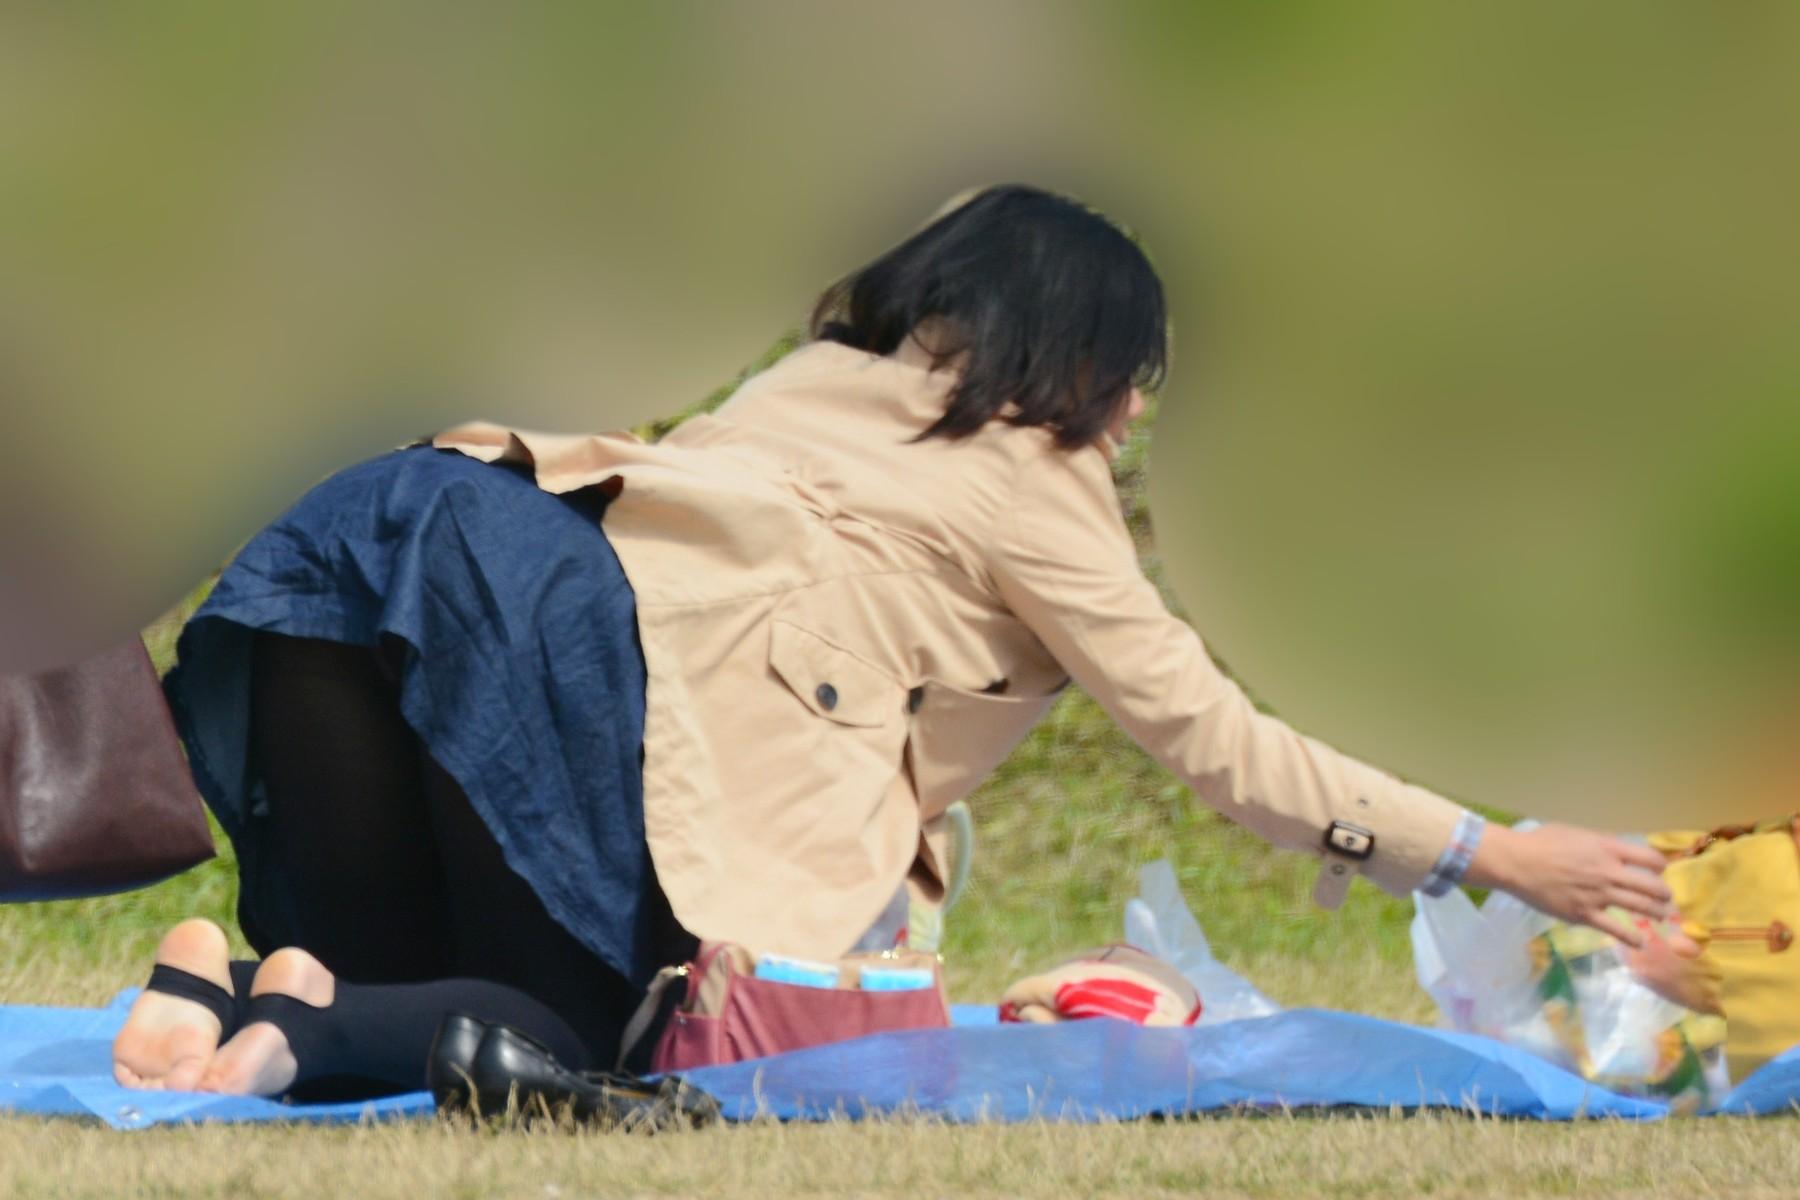 アダルト画像3次元 - 【はみパン】スカートで前屈みになる危険さに全く気付いていないシロウトのエロ画像